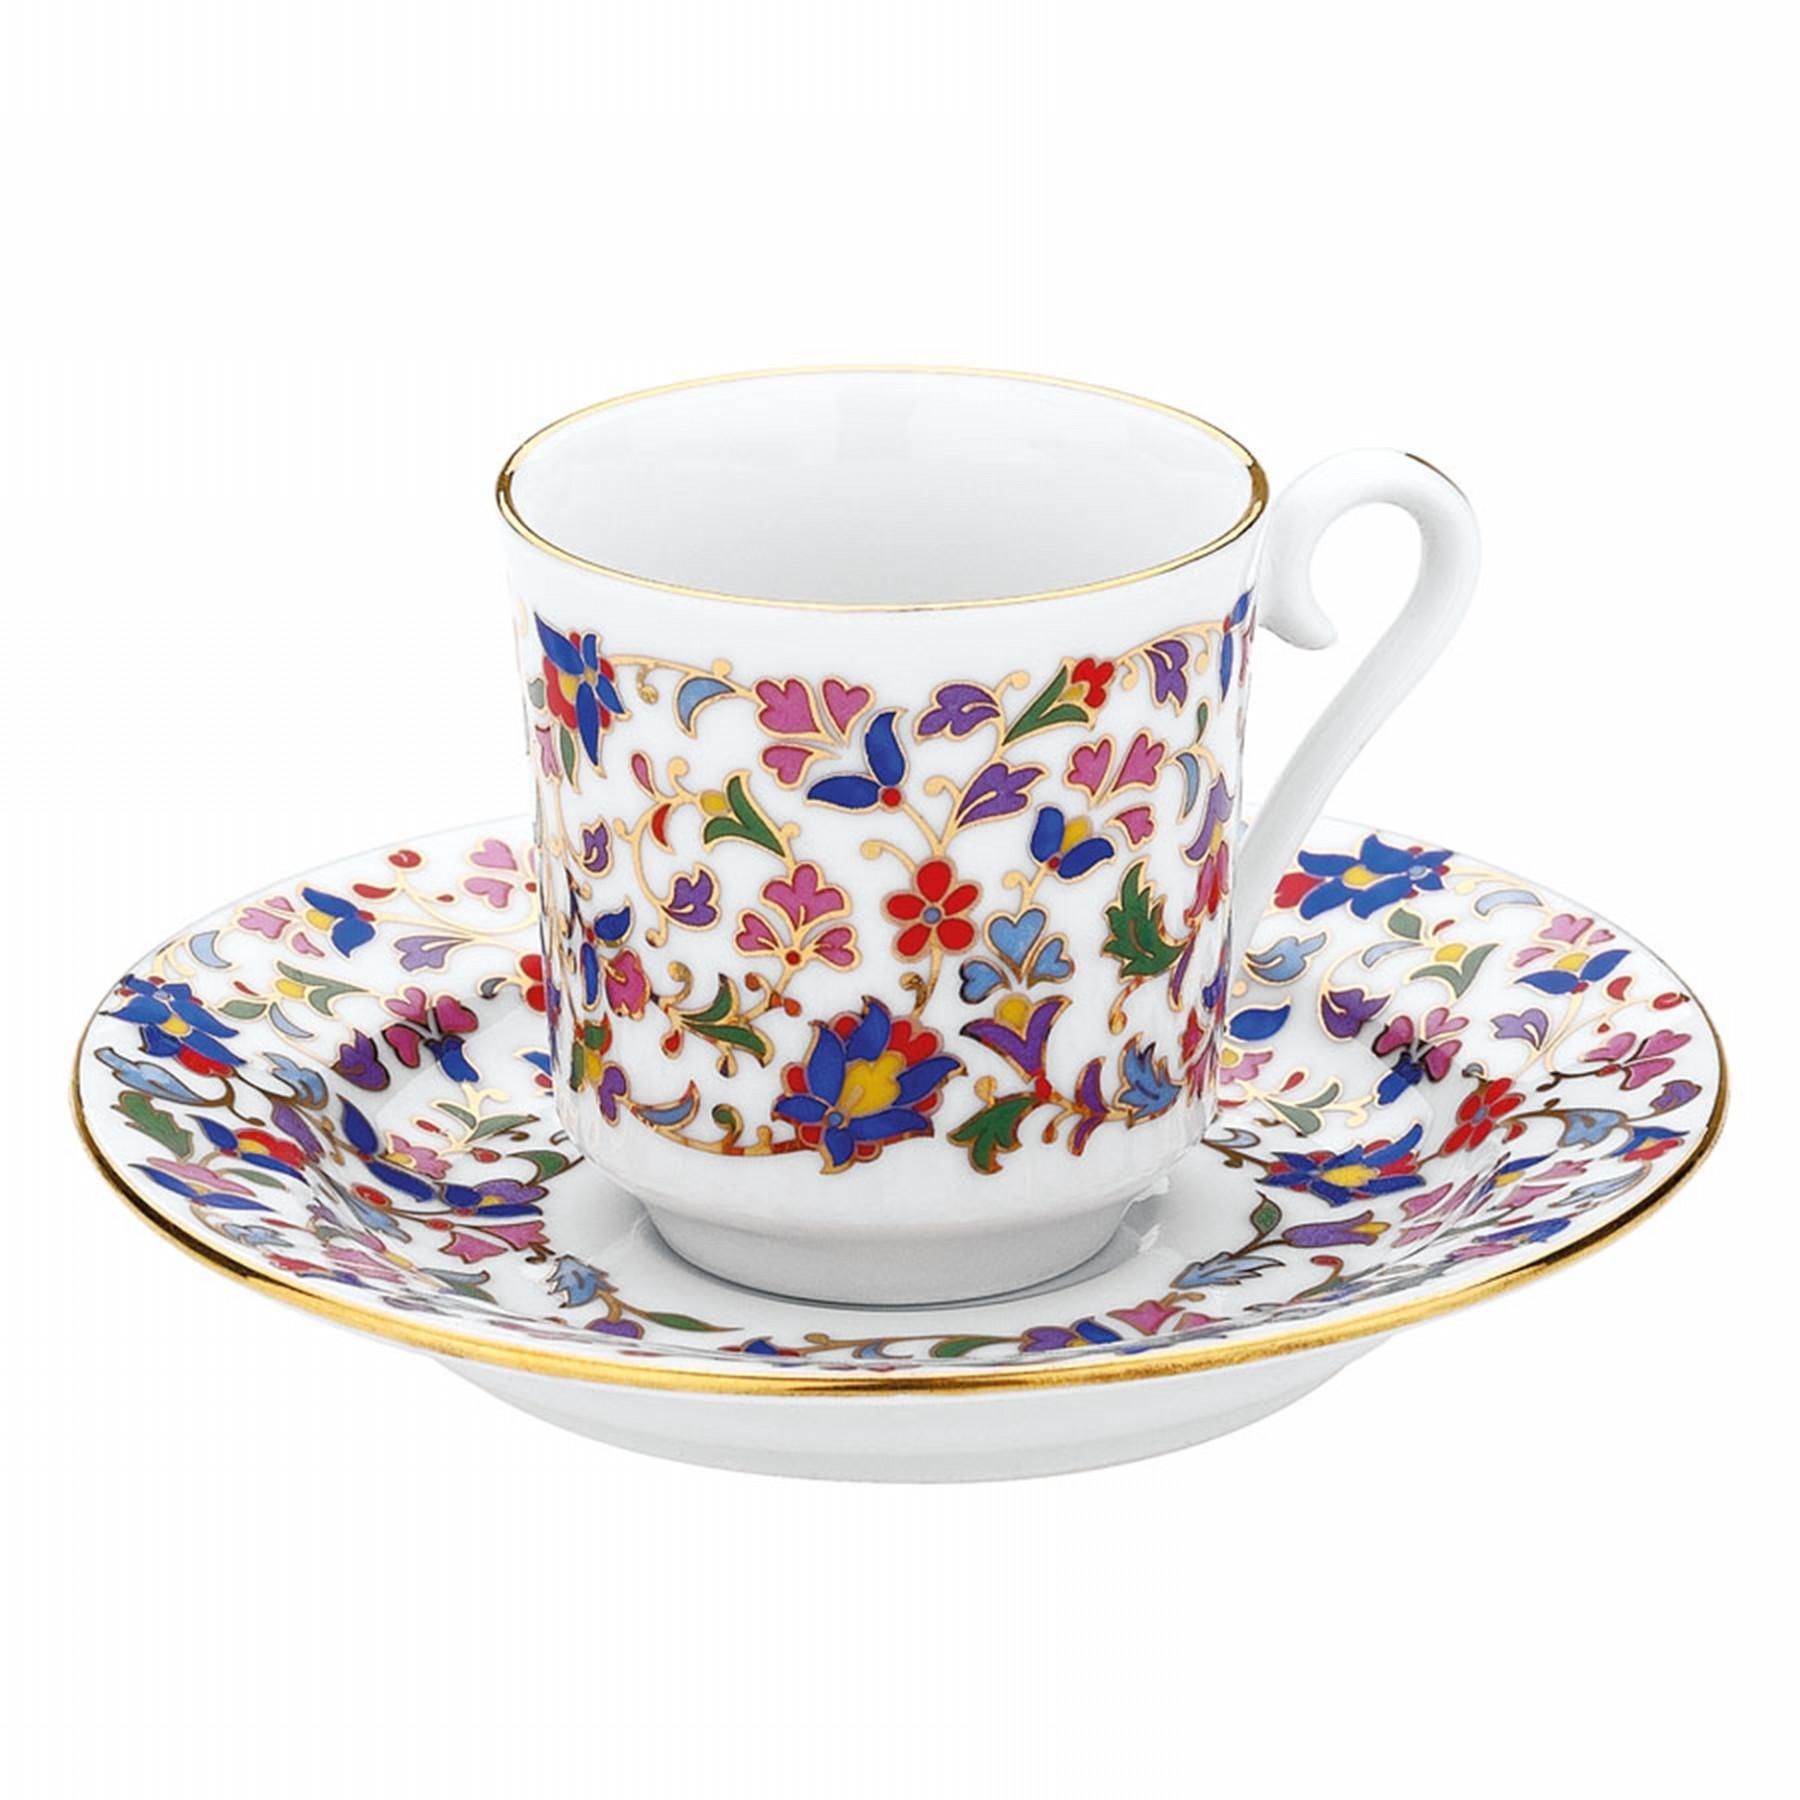 كوتاهيا بورسلان 3645 هاندمد طقم قهوة مزخرفة يدويا للشخصين